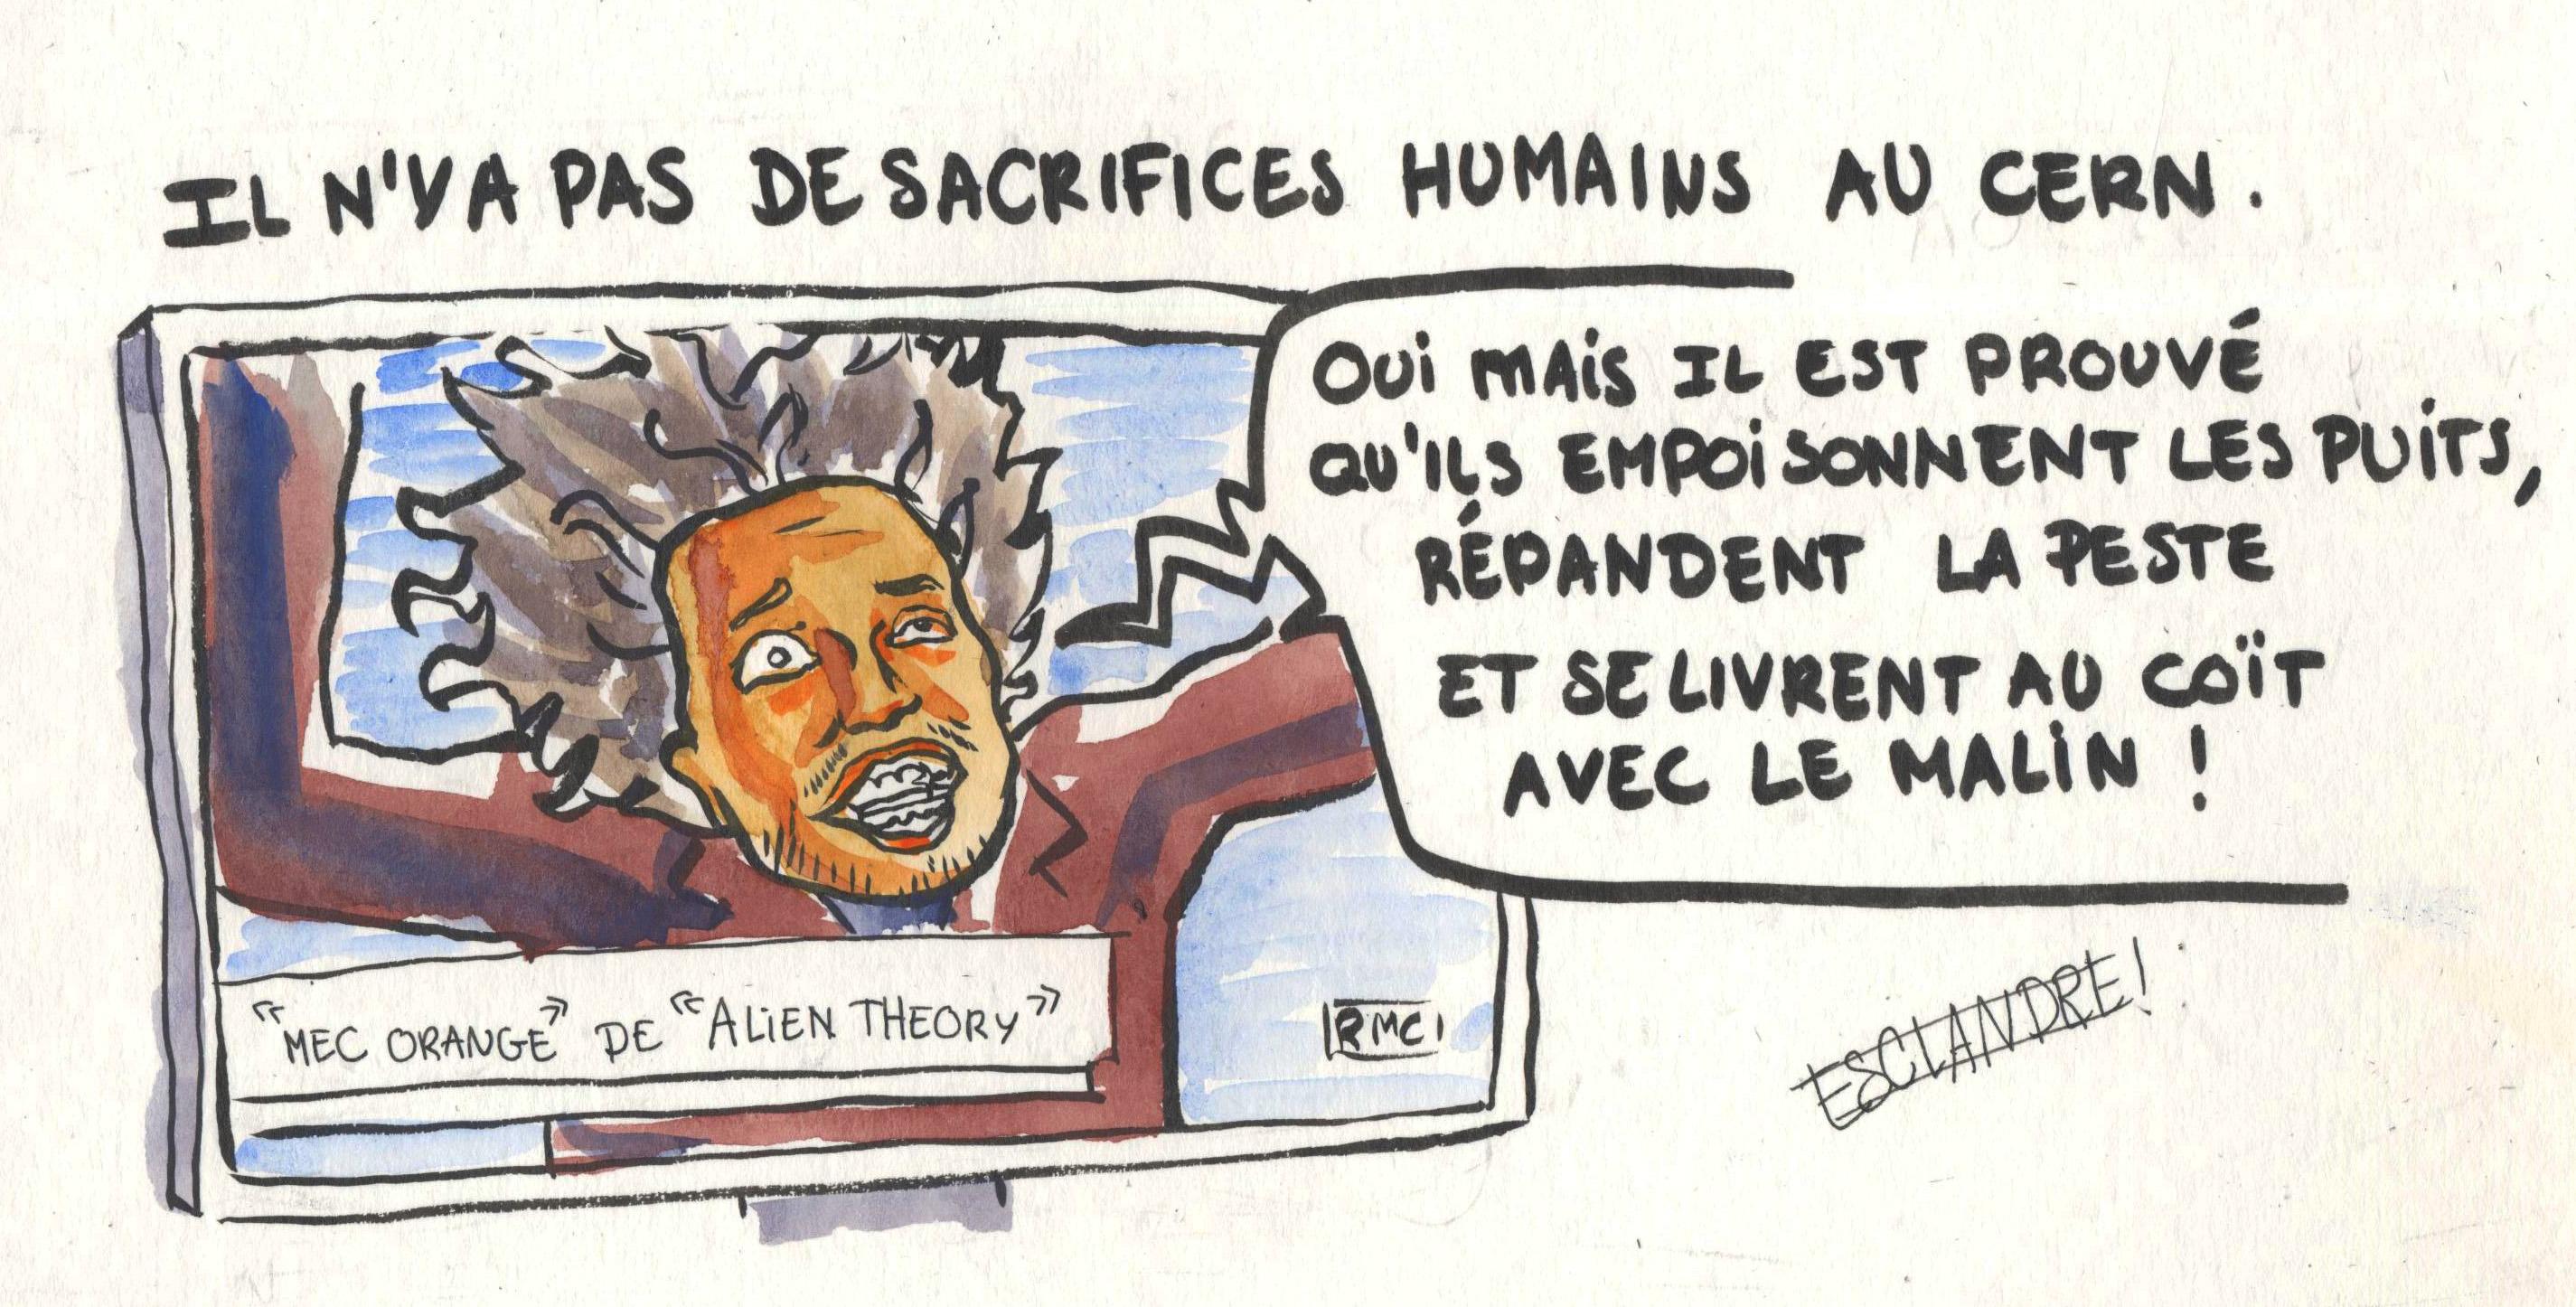 Il n'y a pas de sacrifice humaine au CERN